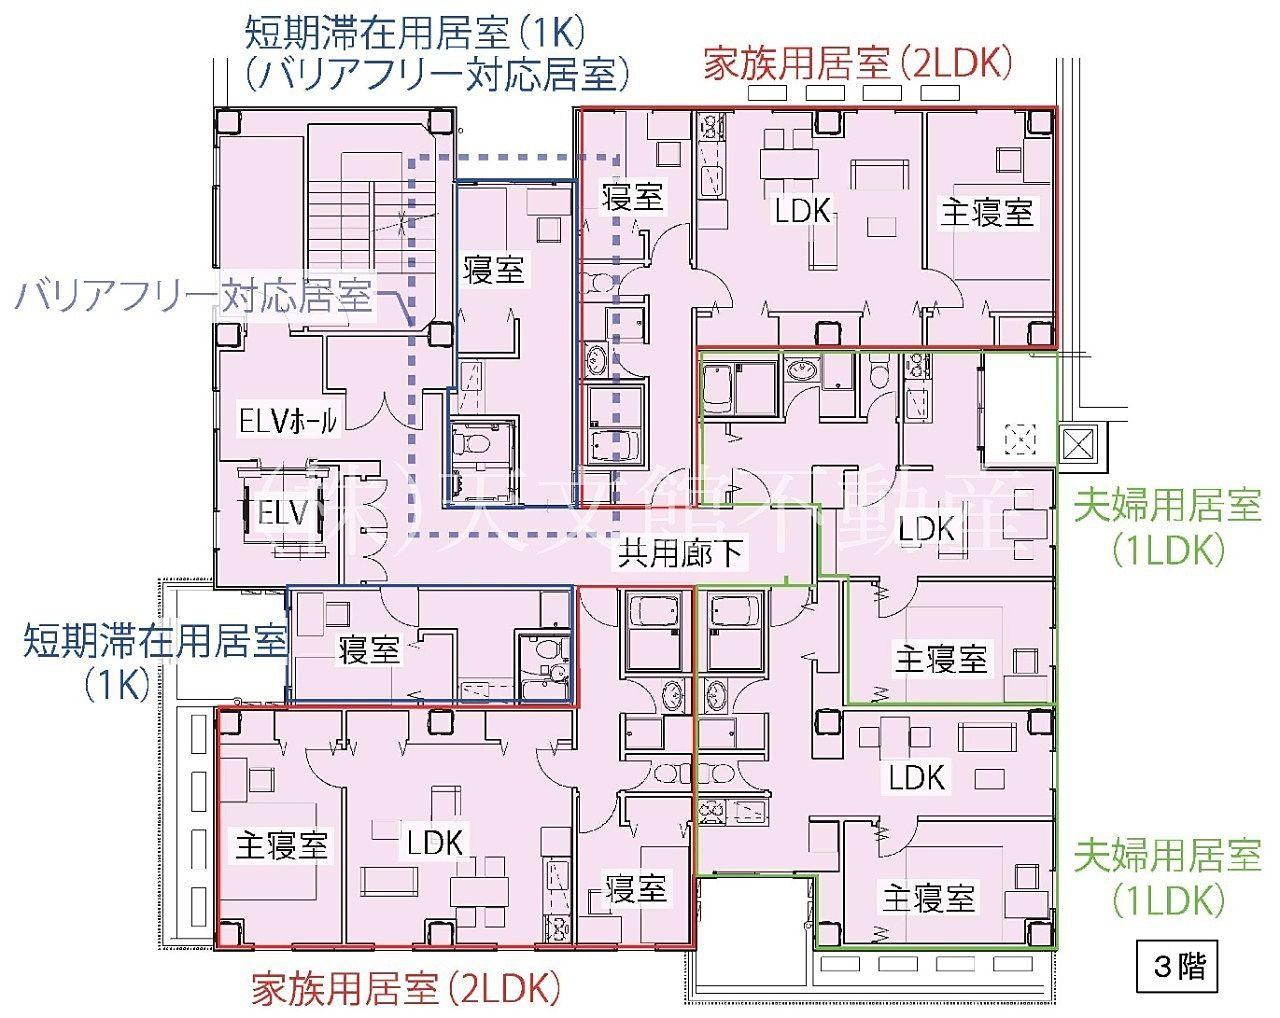 鹿児島市加治屋町の鹿児島国際交流センターの3階の見取り図